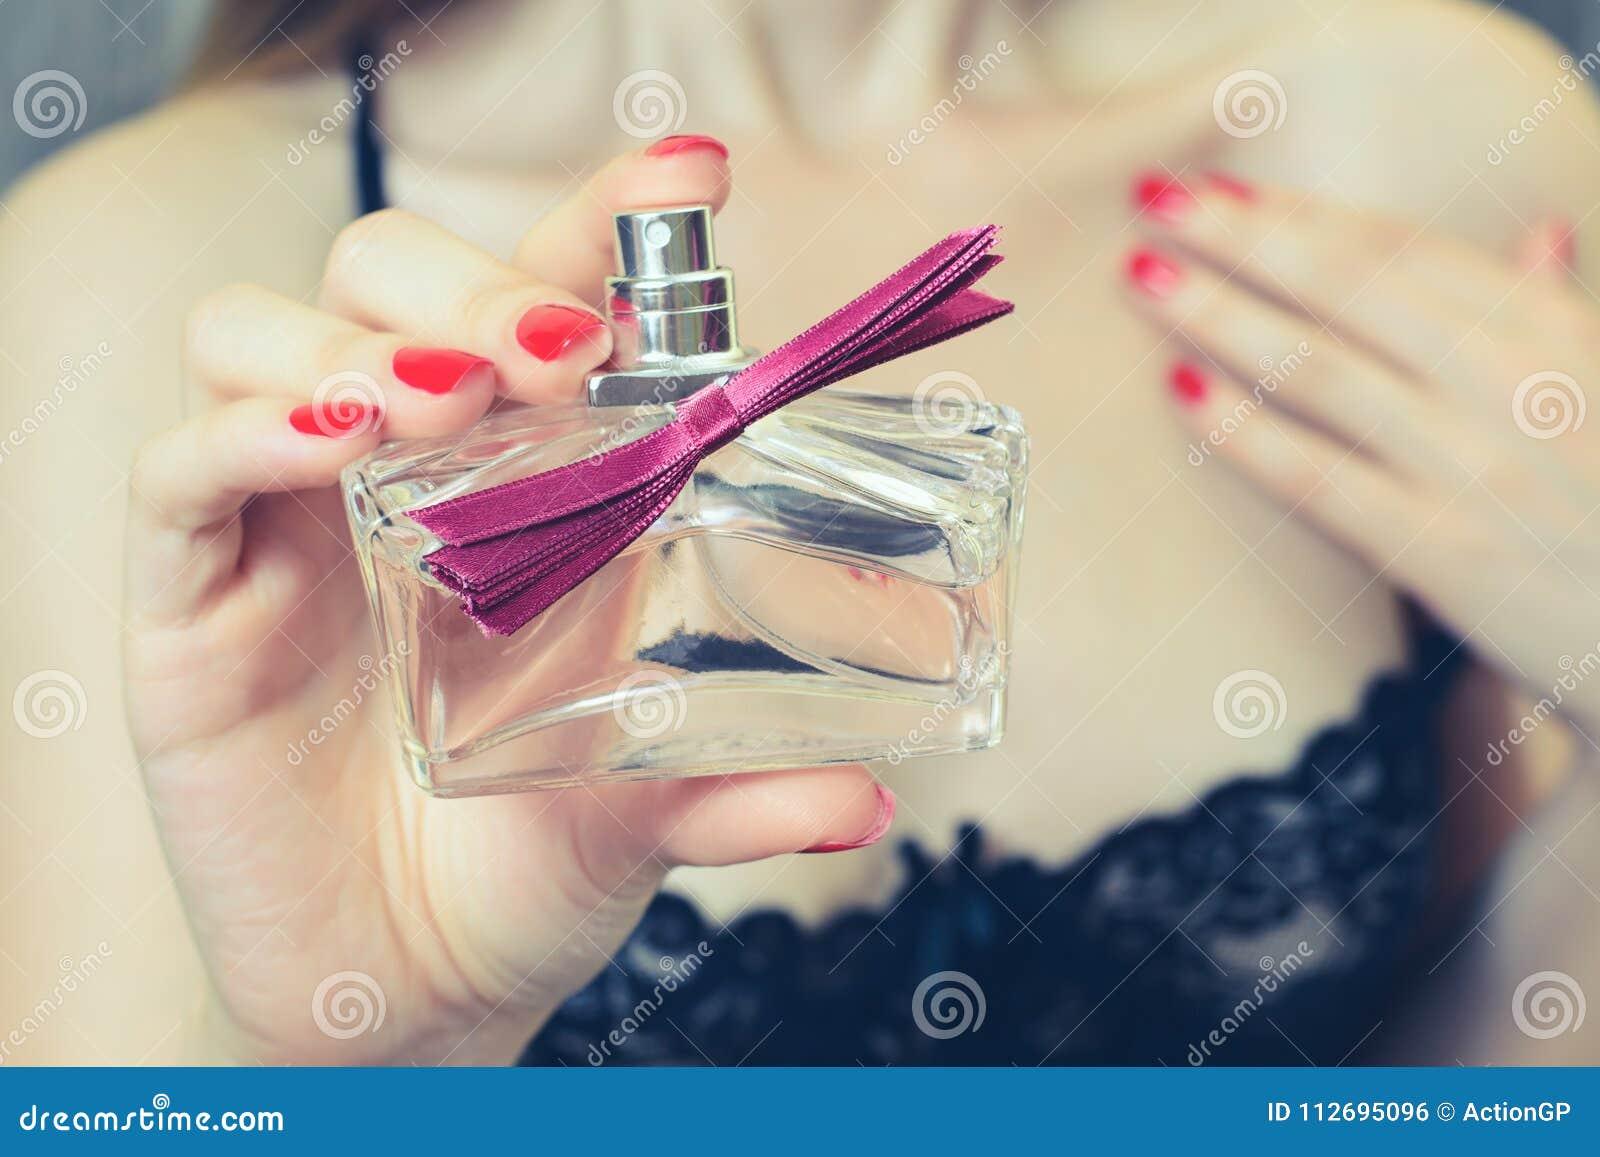 Zamyka w górę cropped widok fotografii Kobieta w uwodzicielskim odziewa pokazywać butelkę pachnidło, uwodzicielski piękny atrakcy